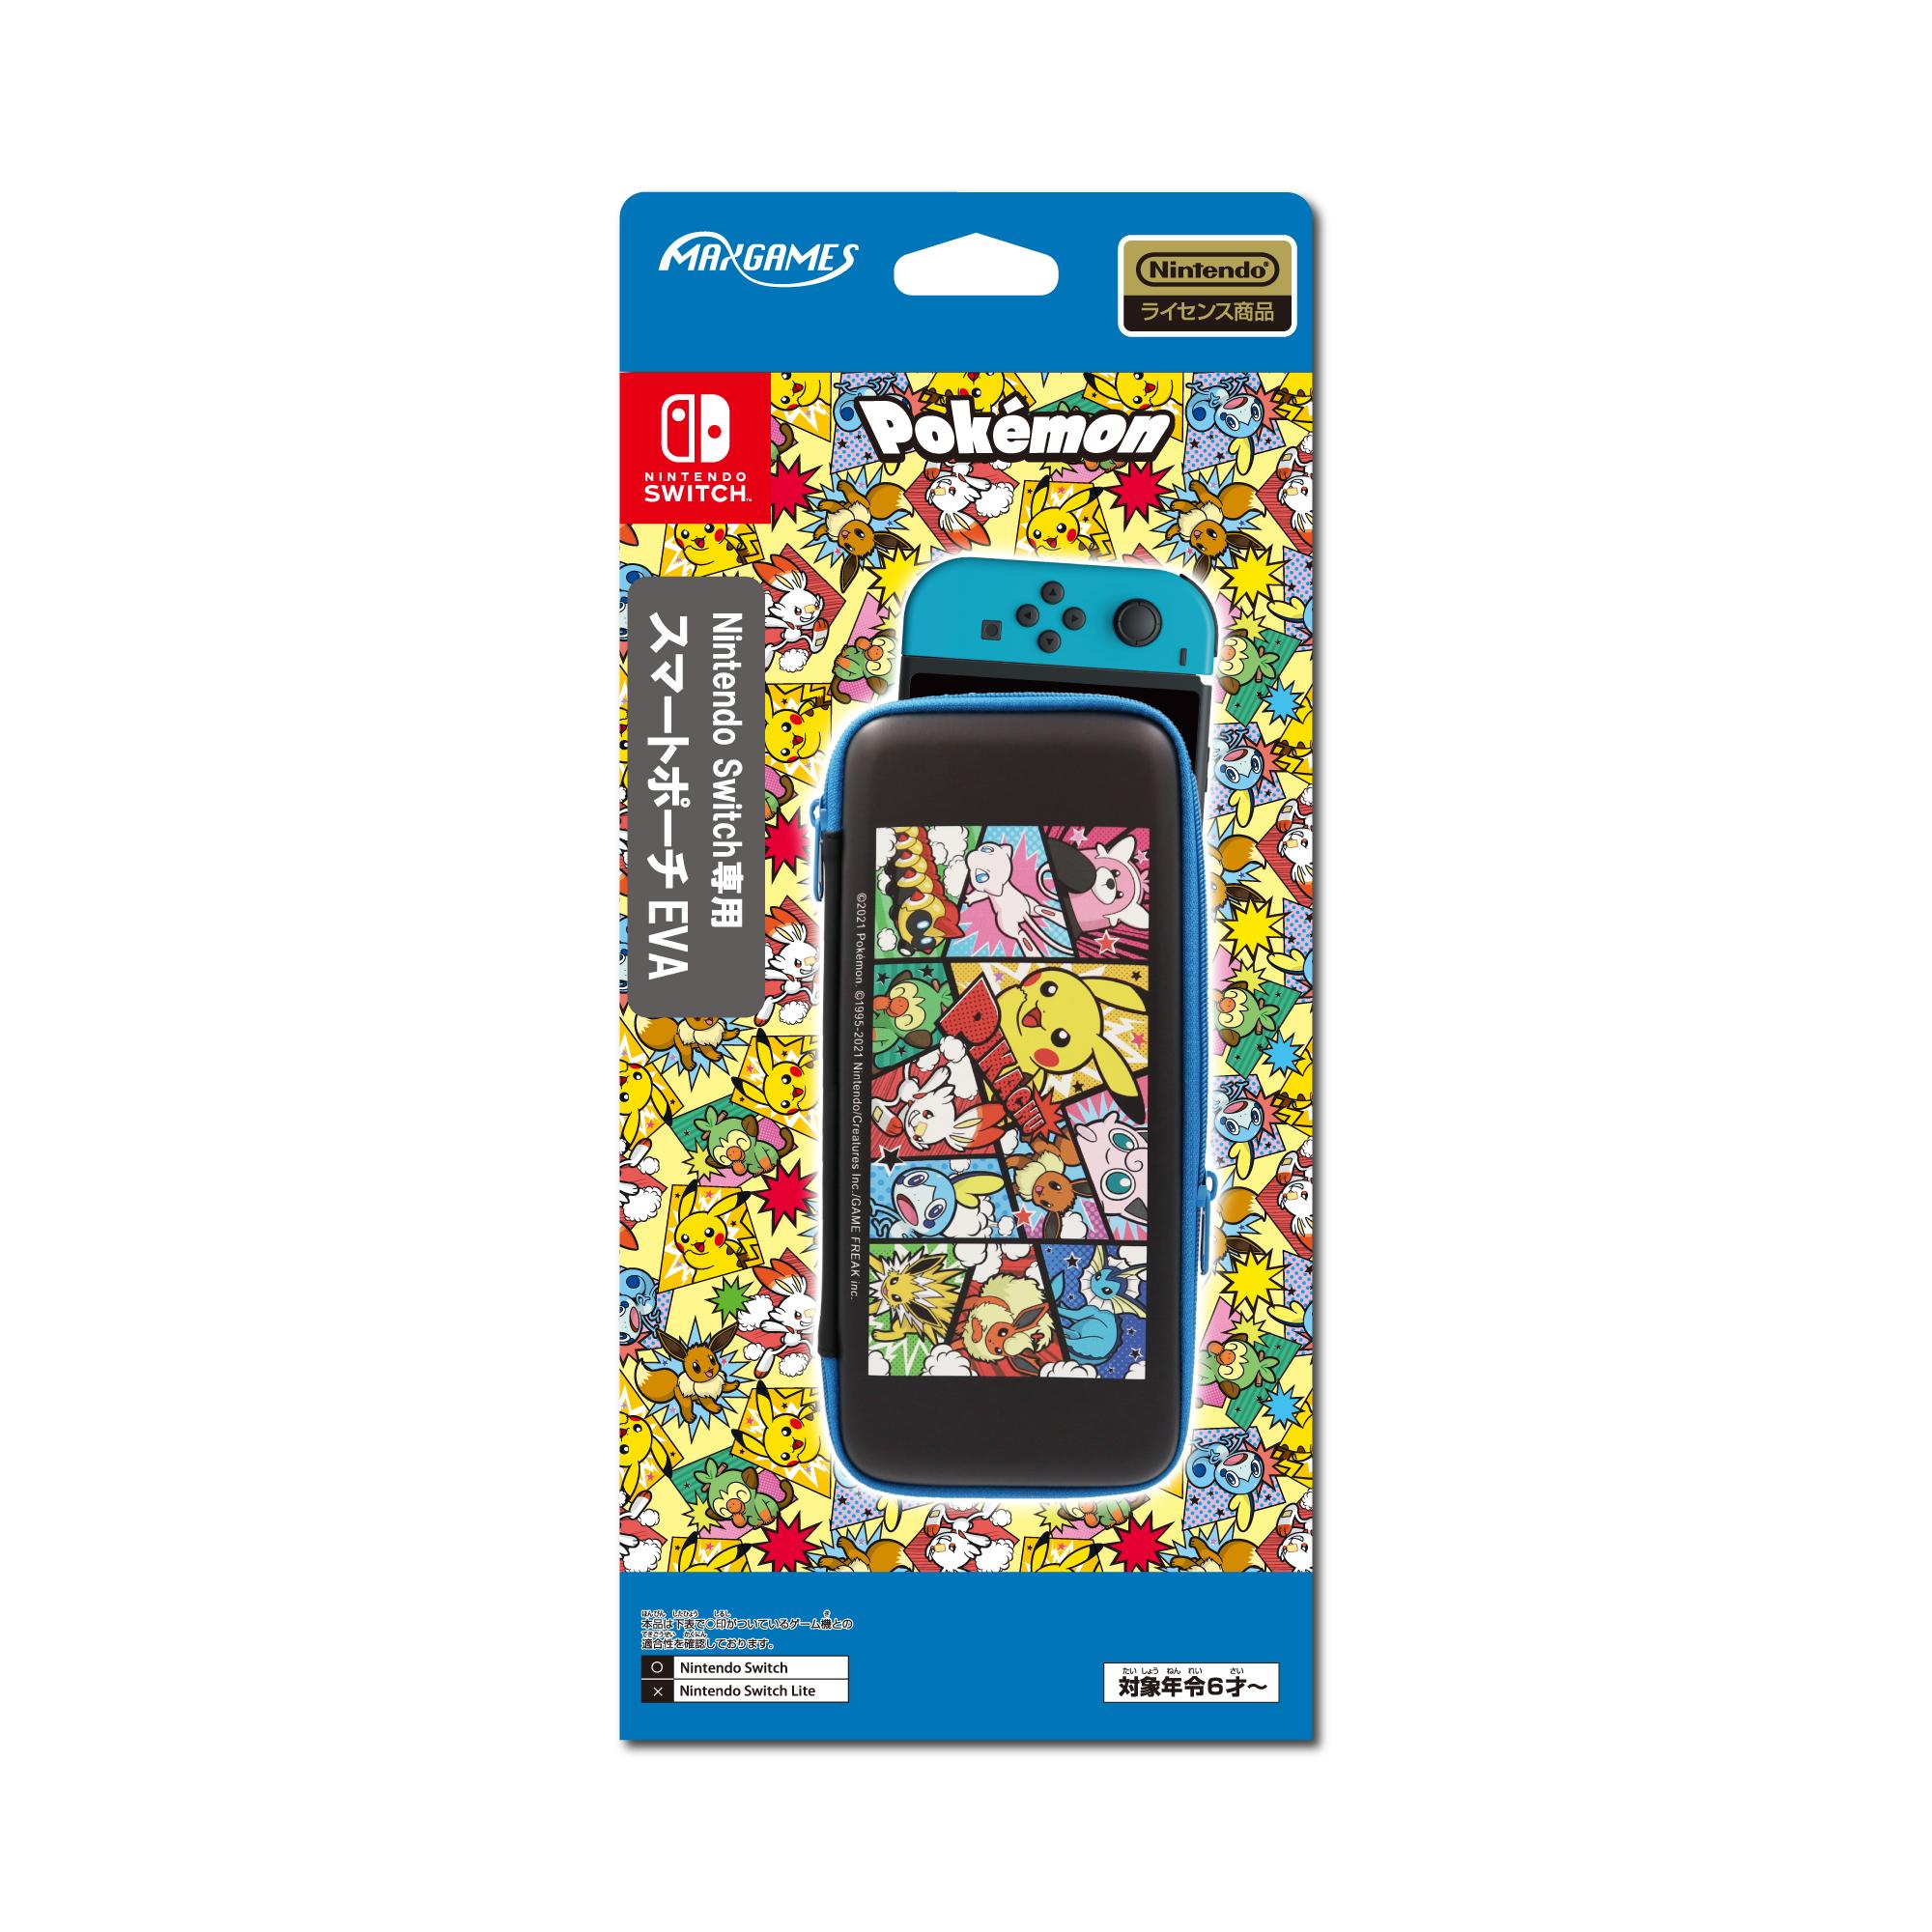 Nintendo Switch専用<br>スマートポーチEVA<br>ポケットモンスター コミック